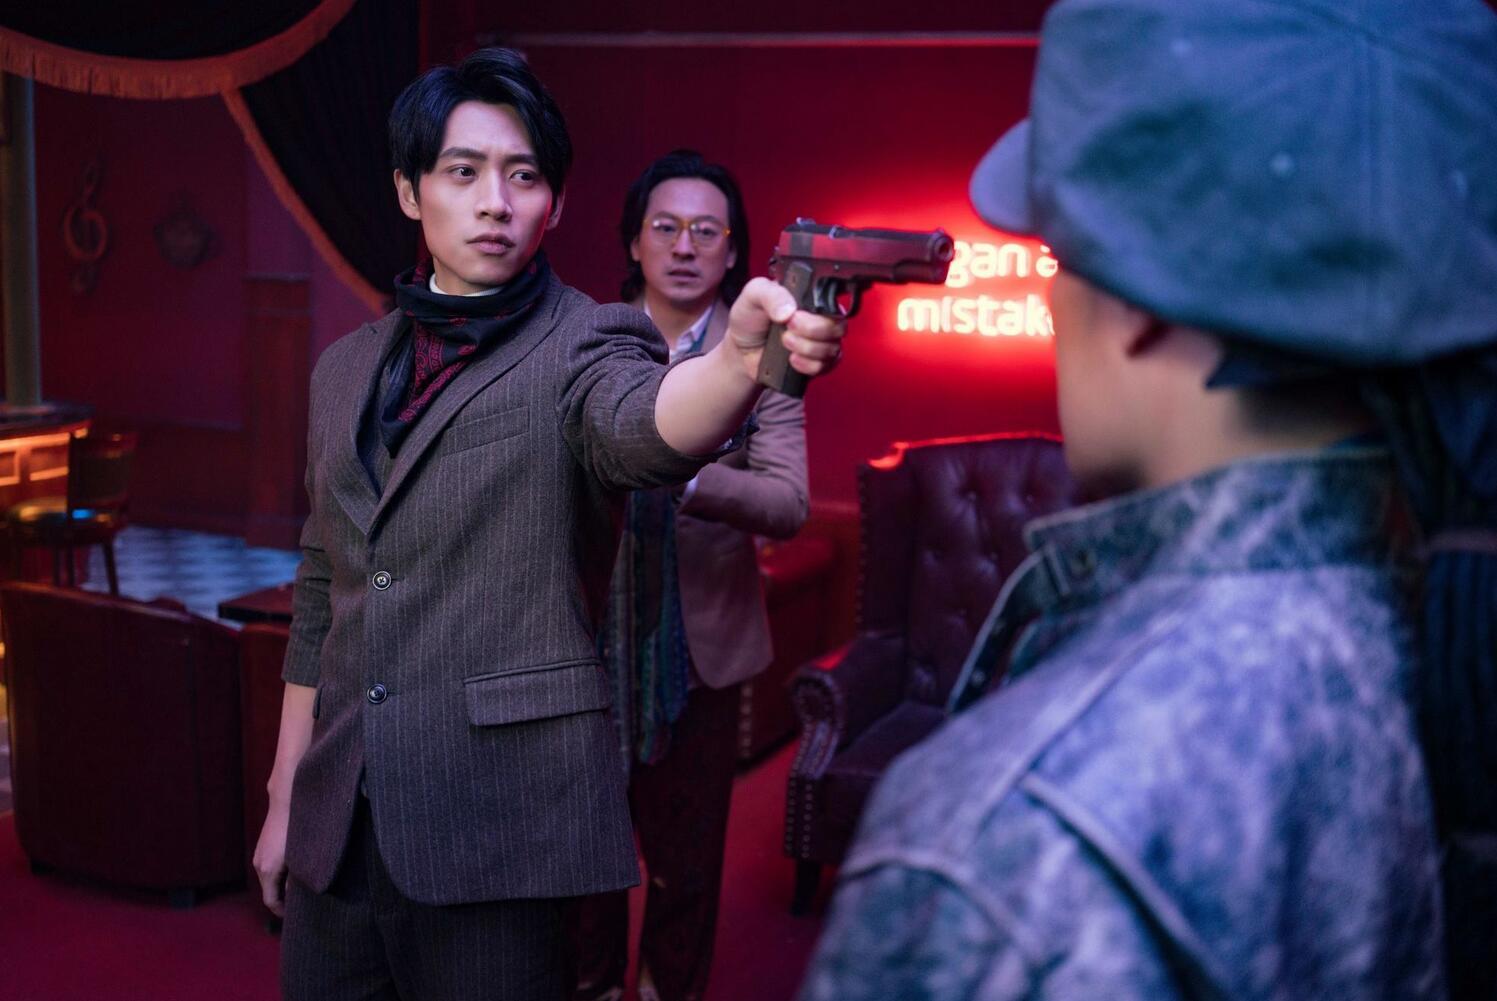 《大侦探》衍生剧来袭,白敬亭魏晨合作不算啥,他加入才令人期待